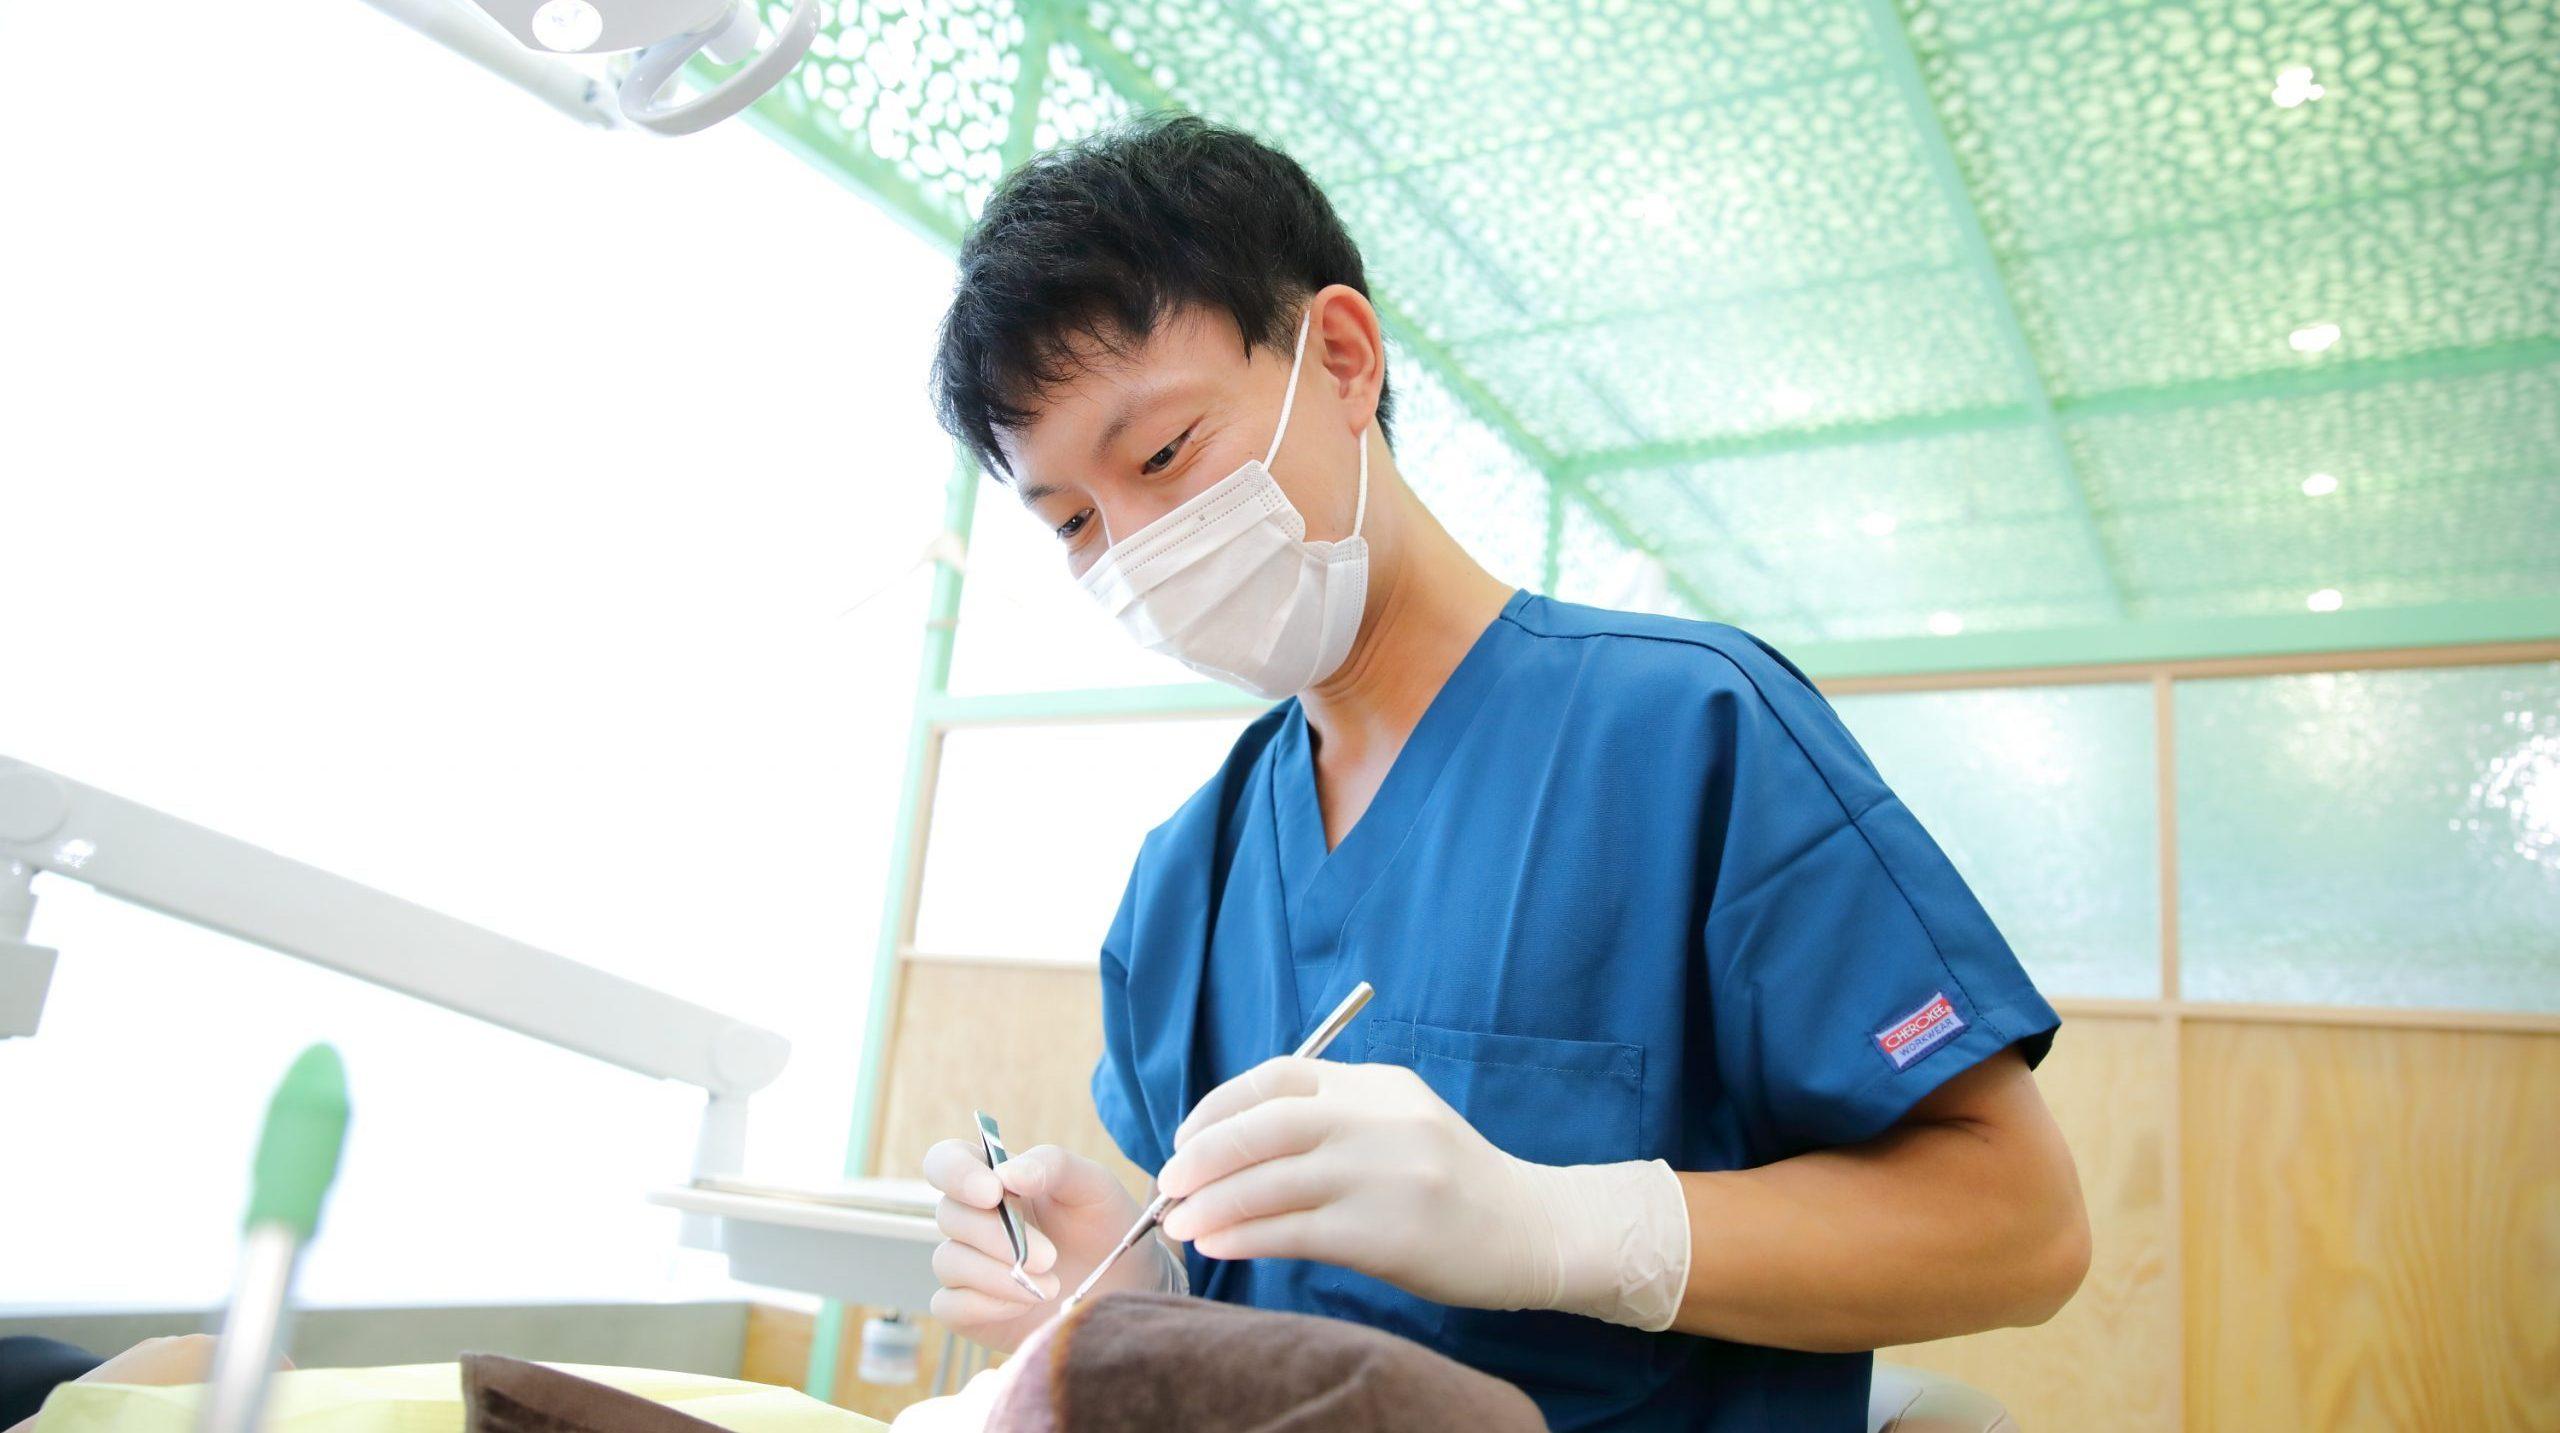 所沢 むし歯治療